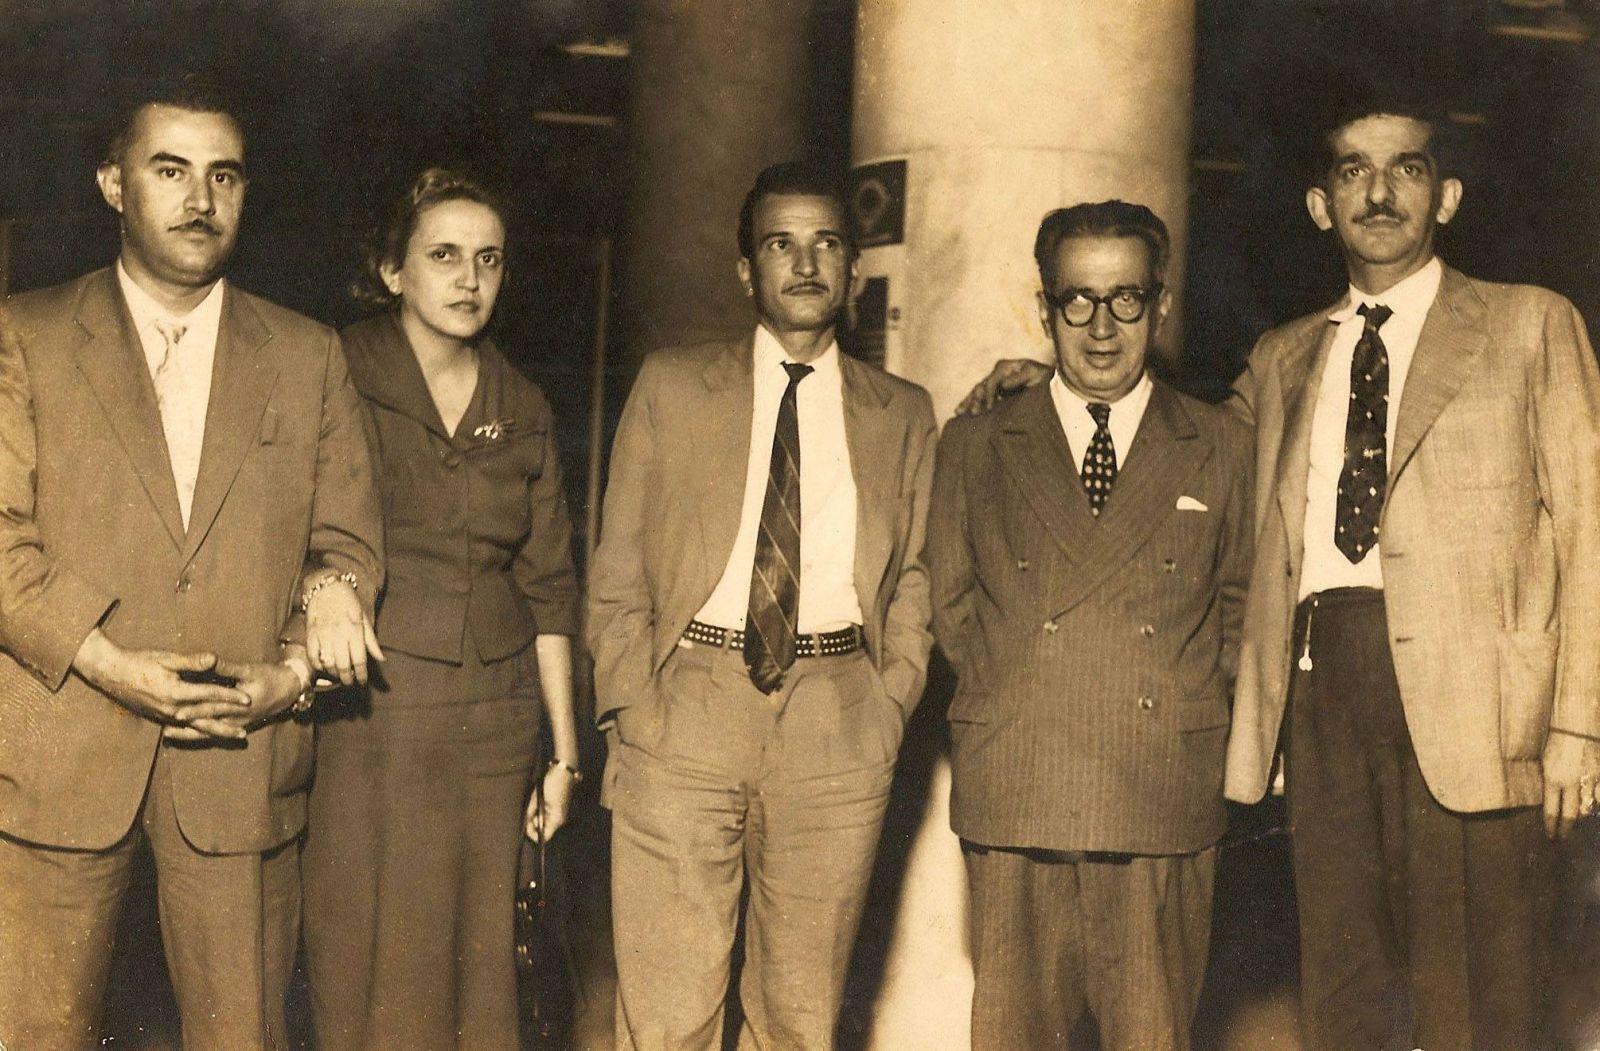 Música inédita de João Pernambuco é descoberta pelo Instituto Piano Brasileiro - João Dias, Conceição Dias, Rui de Morais e Silva, Alfredo Medeiros e Jacob do Bandolim